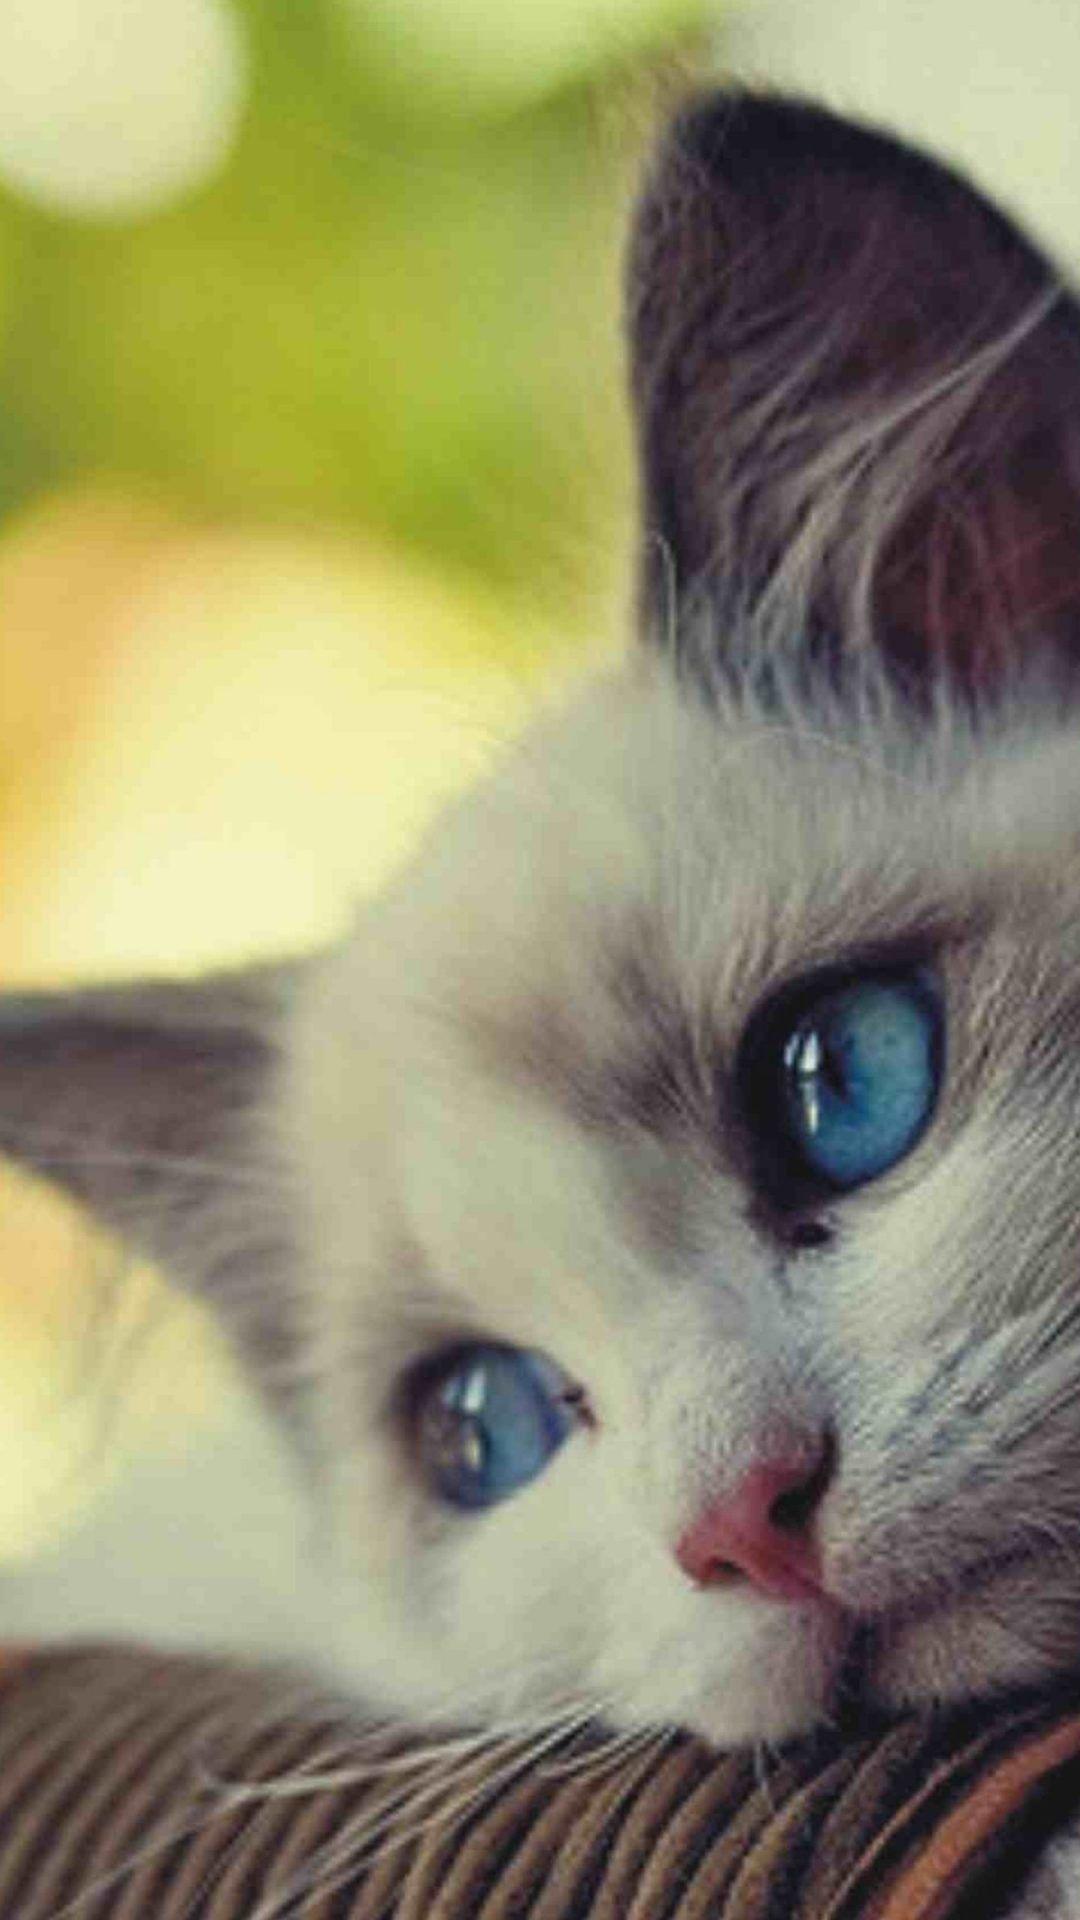 imágenes de gatitos tristes - Sad 8K Wallpapers